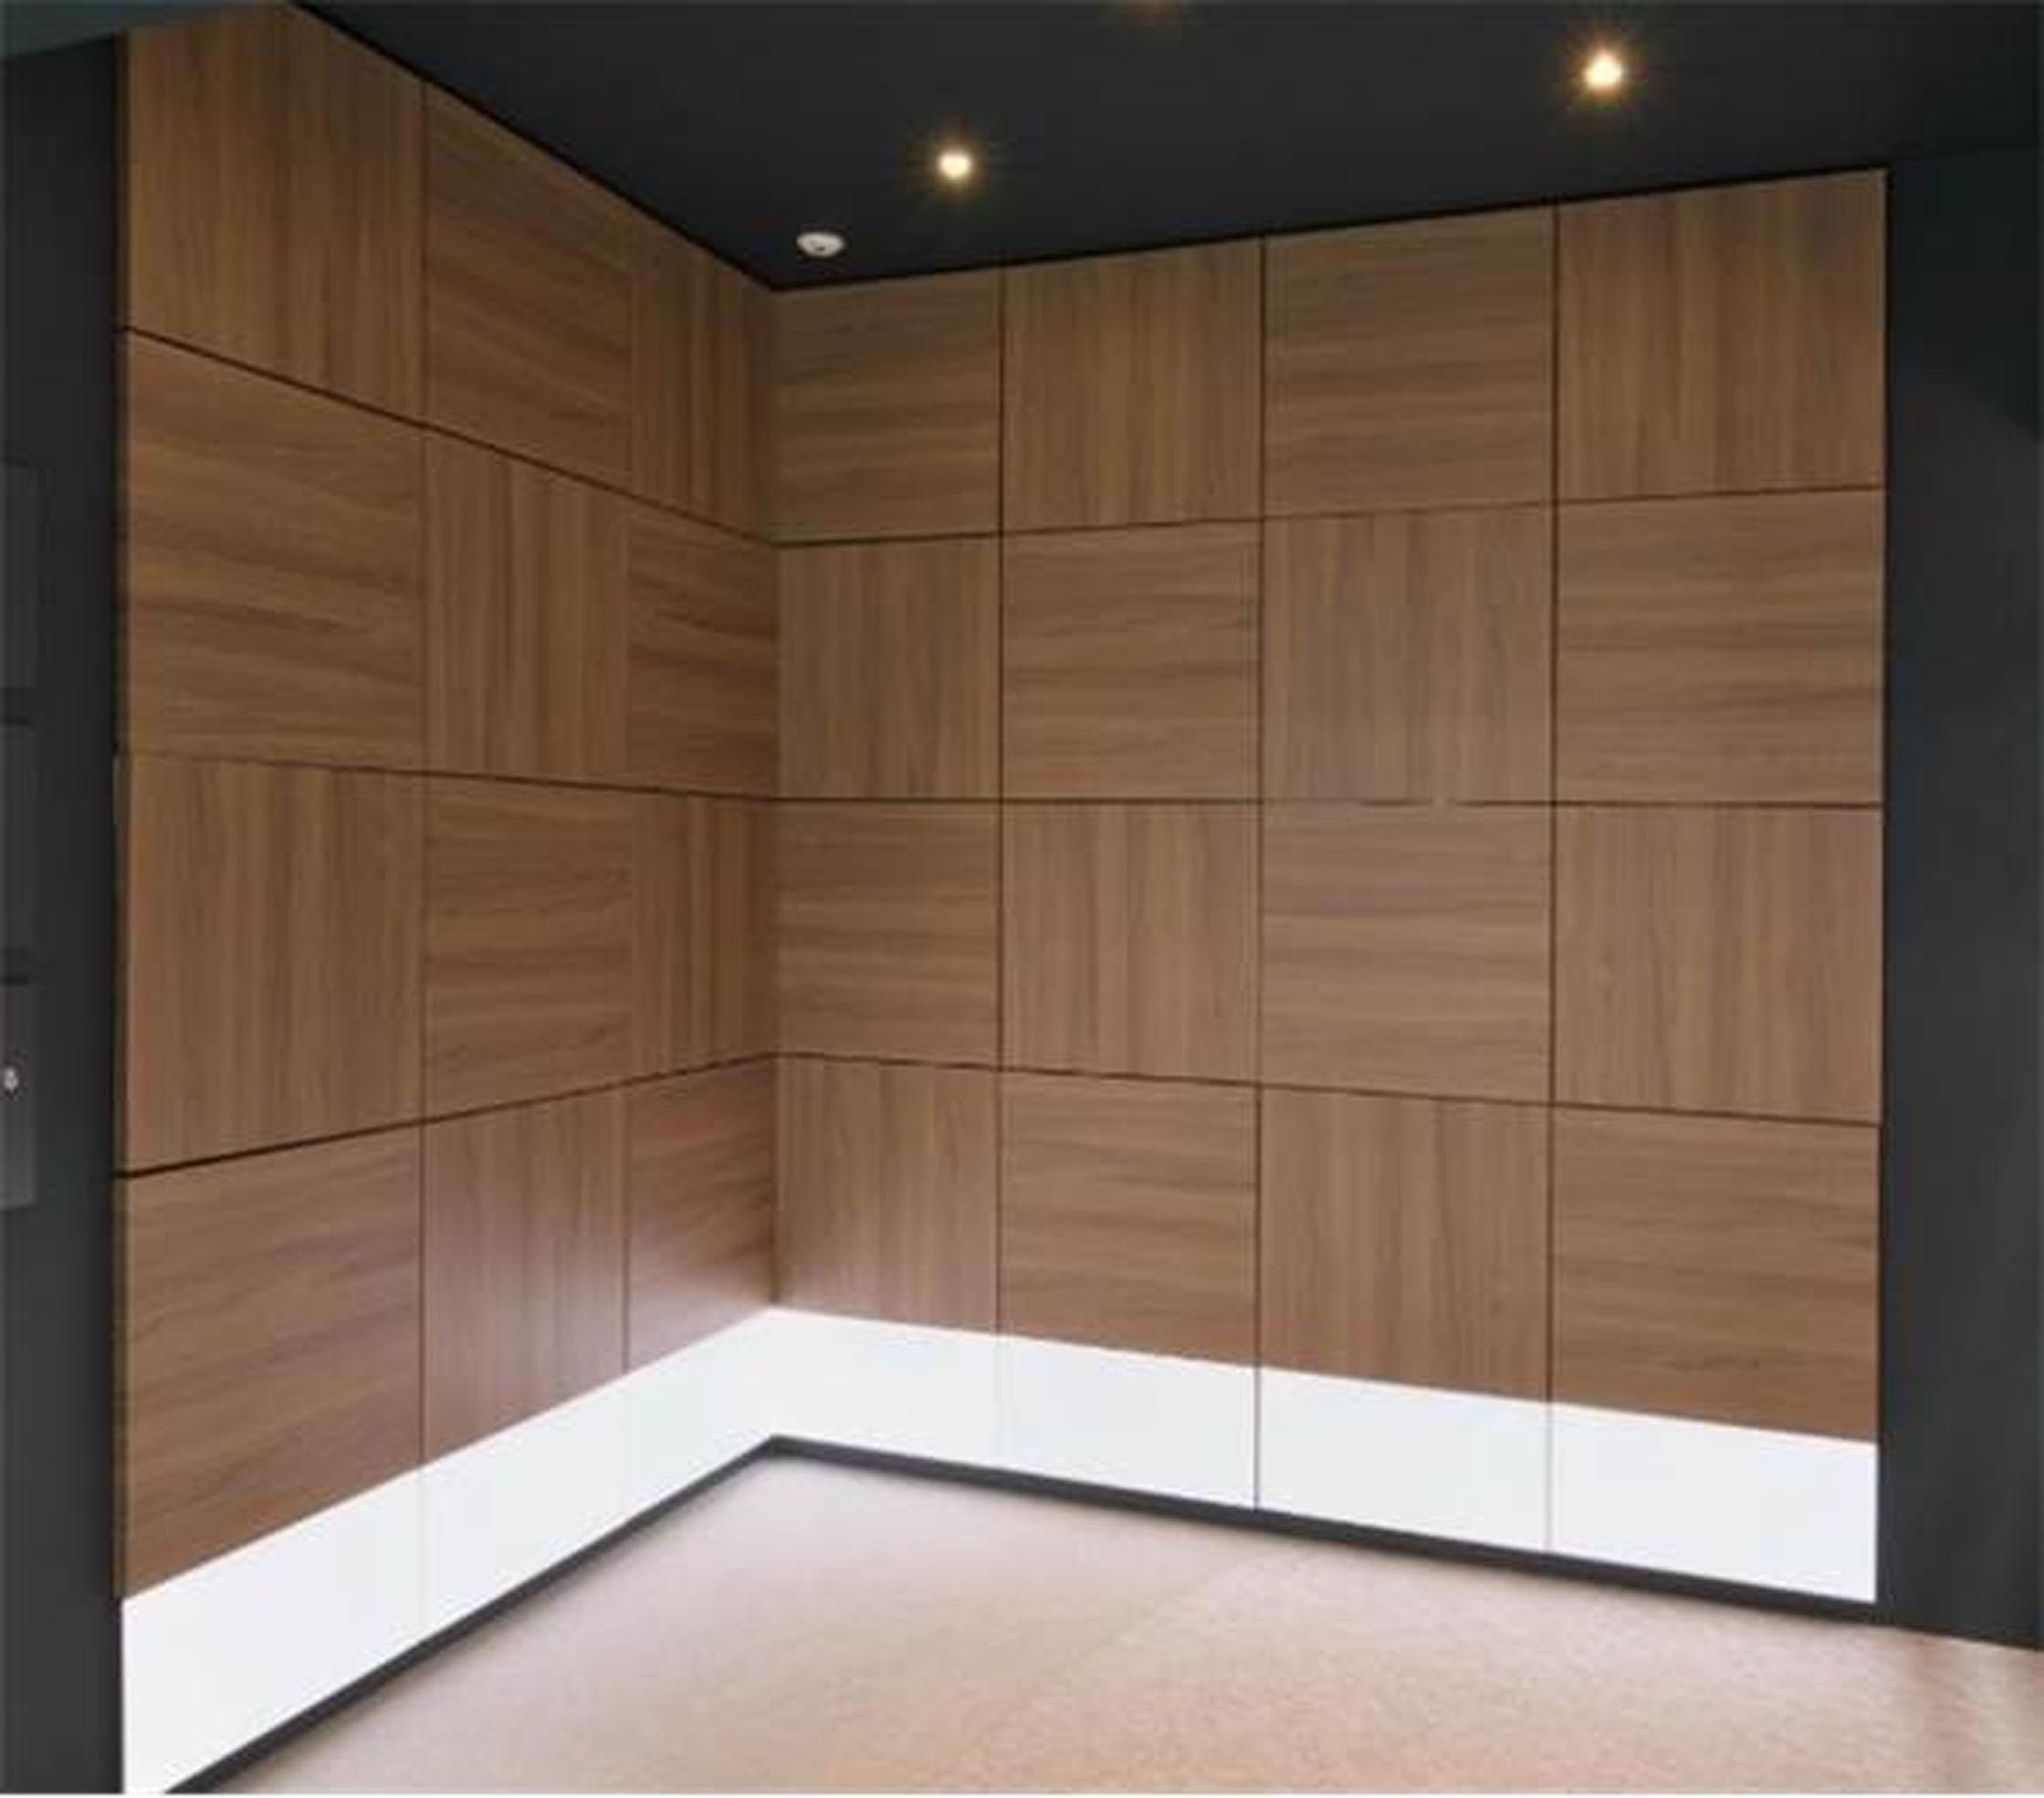 スピーカー一体型壁装材で構成した室内空間の例